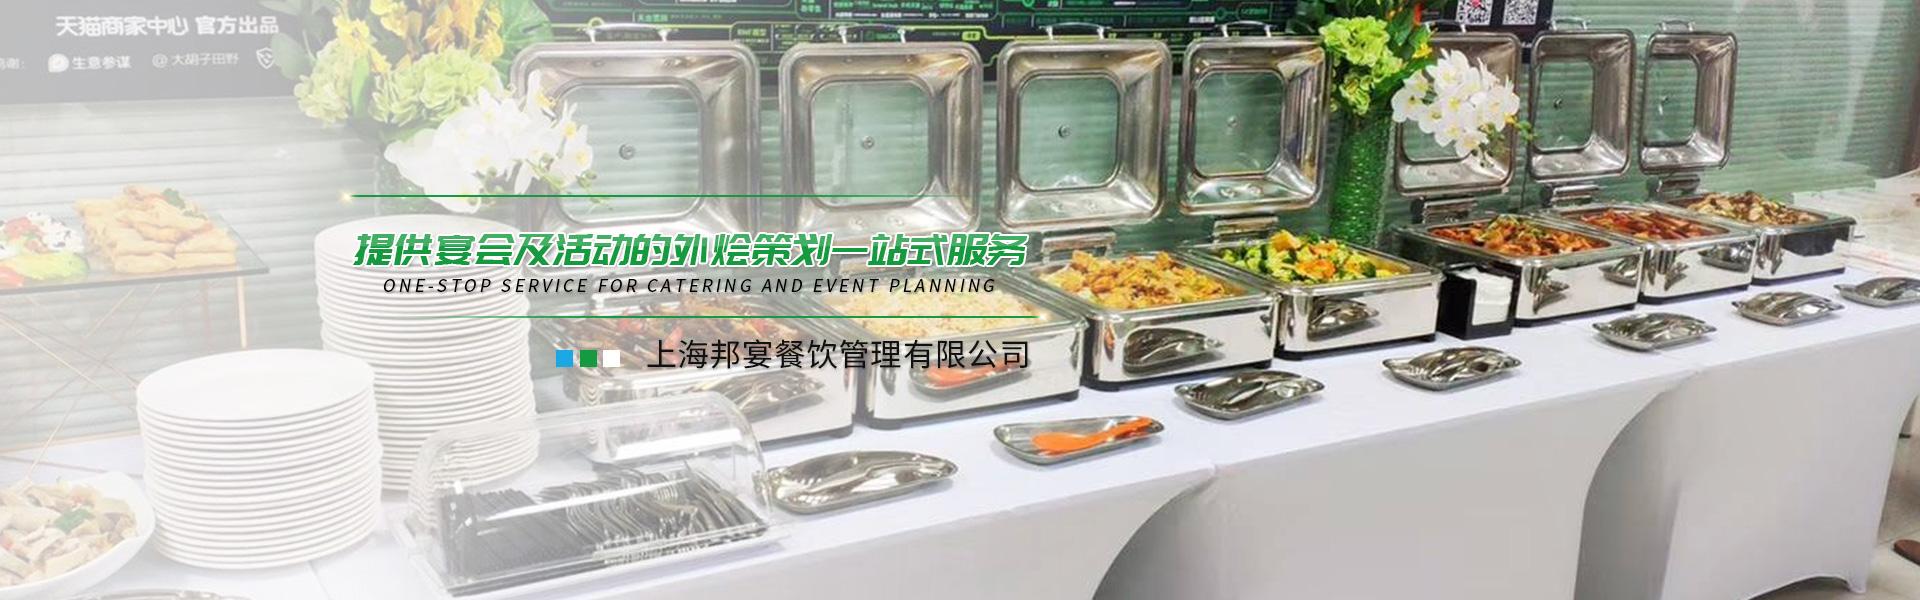 上海邦宴餐饮管理有限公司